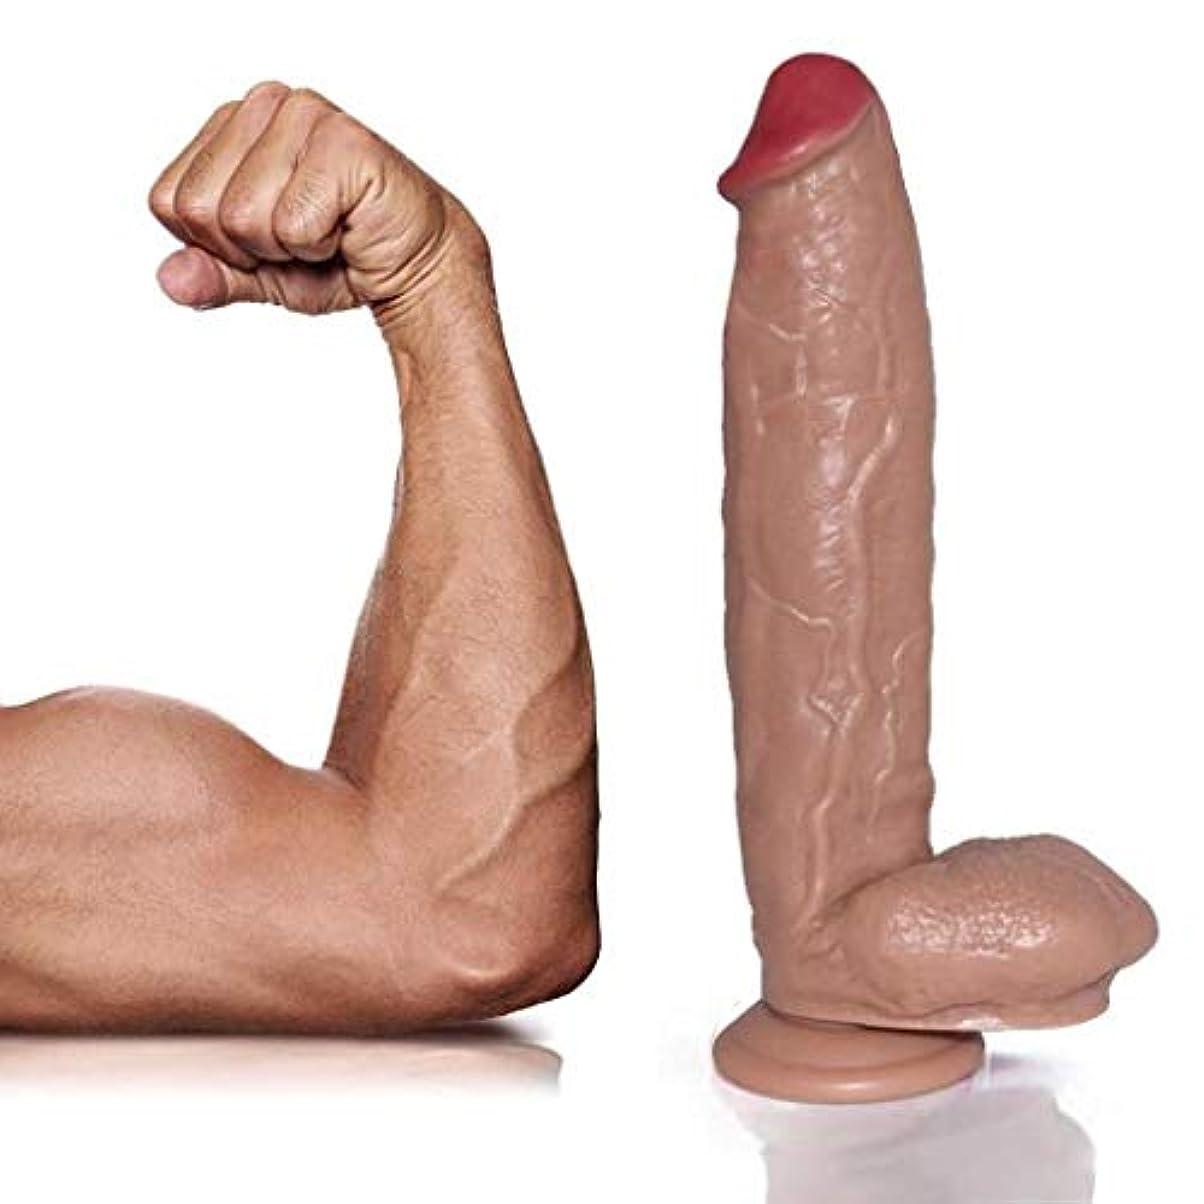 慣れているこれらインデックス女性男性初心者の研究11.8インチのマッサージおもちゃ用吸盤付きリアルな防水大型PVC